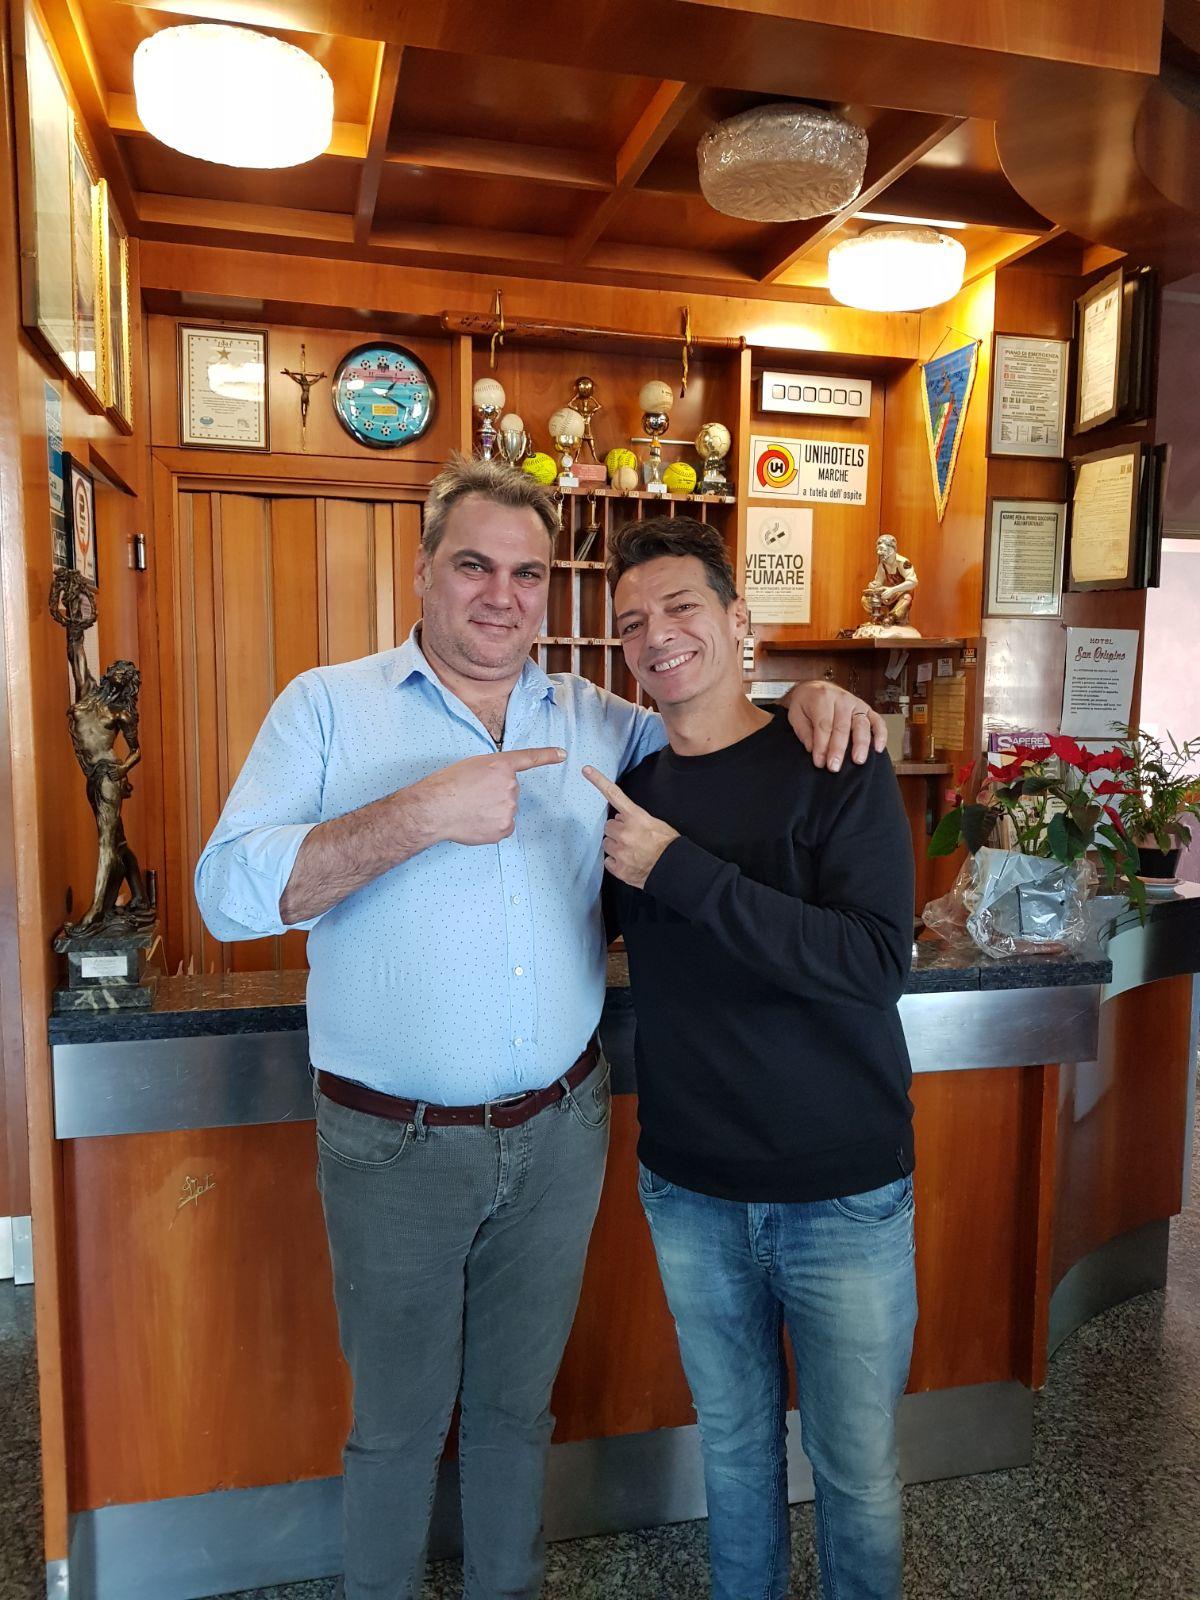 DJ Molella all'Hotel San Crispino di Trodica - Macerata